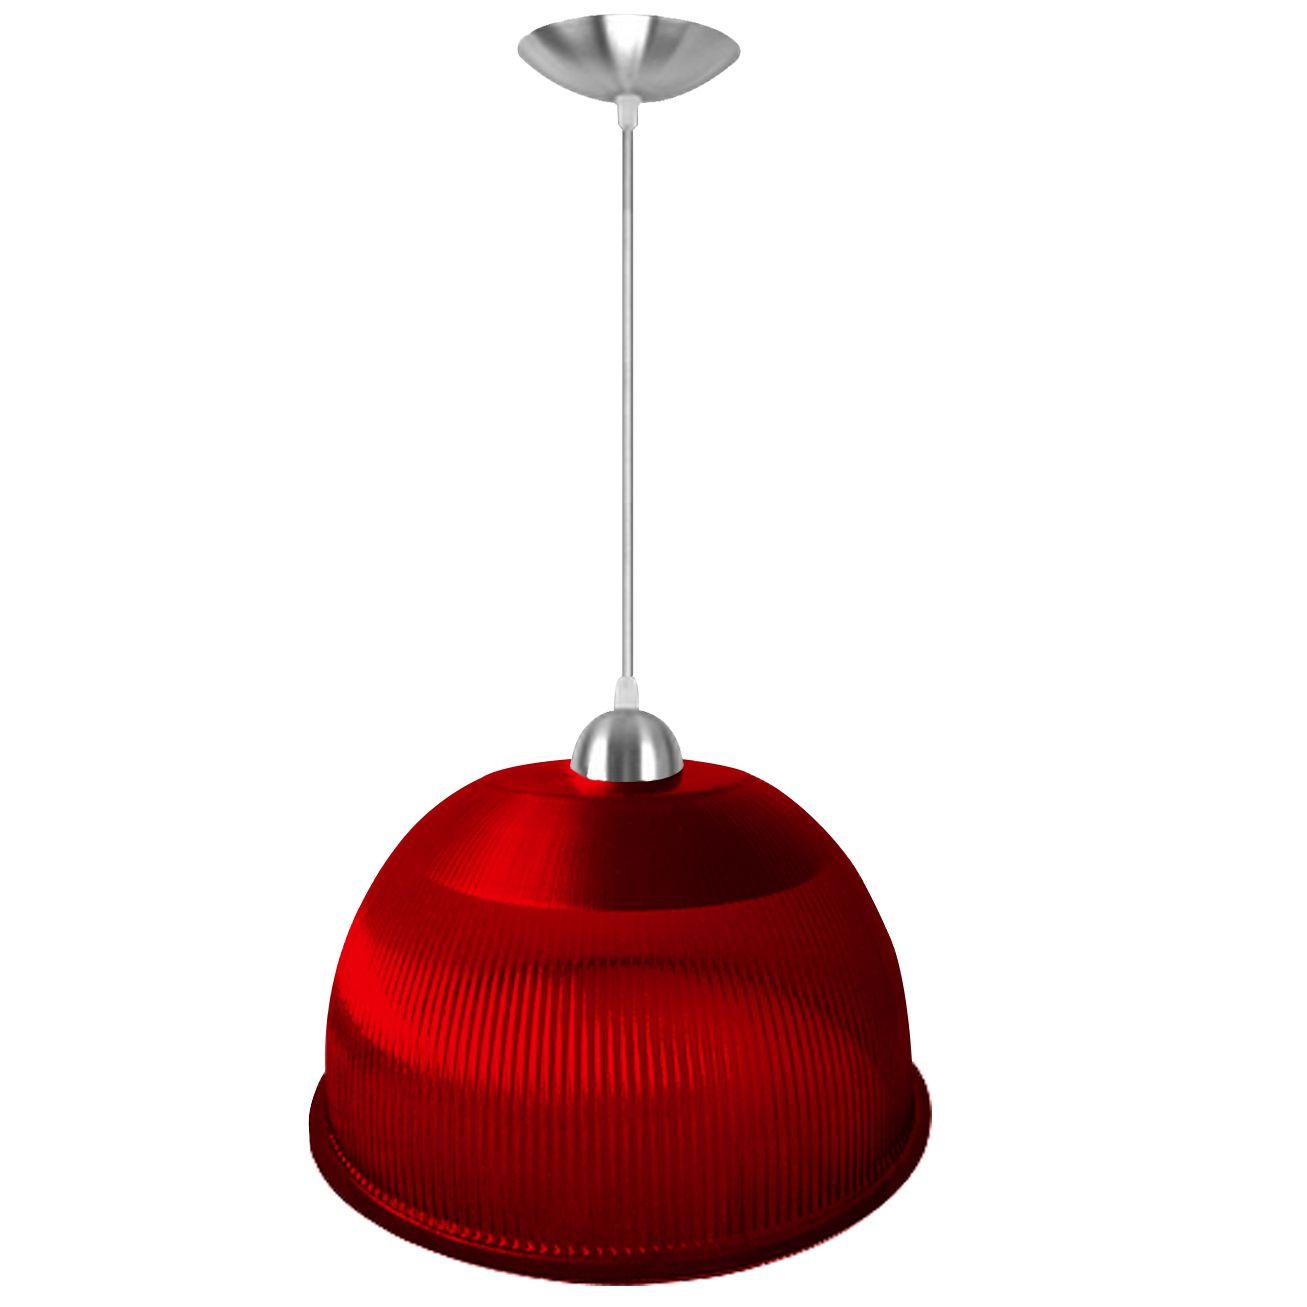 L01-12VM/3 - Luminária Prismática 12 Polegadas Acrílica Pendente Vermelha Luxo